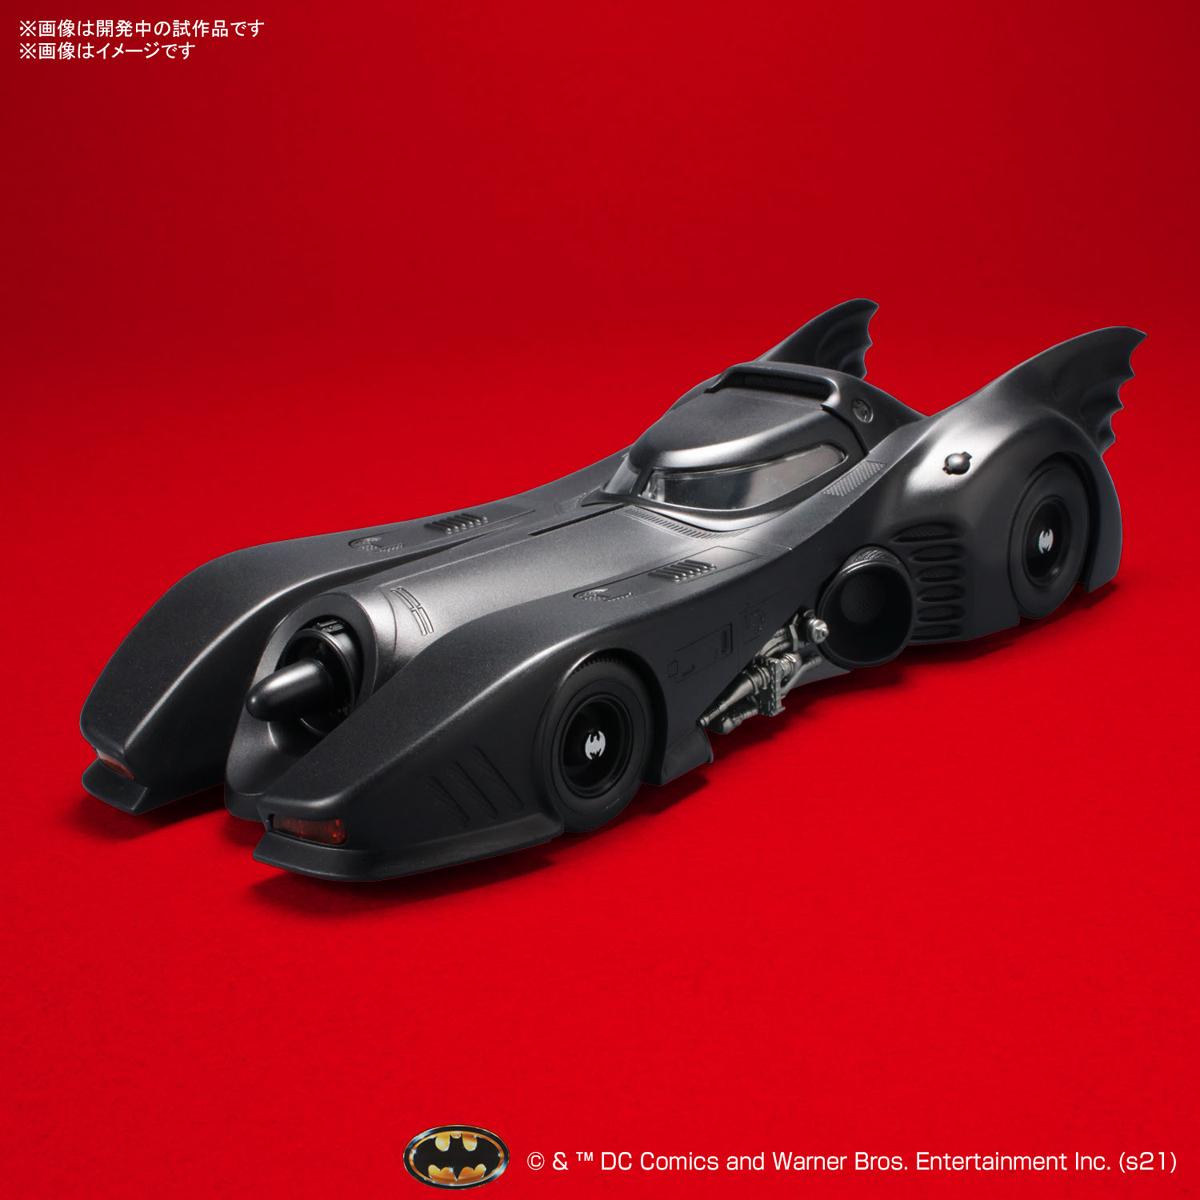 1/35 SCALE『バットモービル(バットマン ビギンズVer.)』プラモデル-004